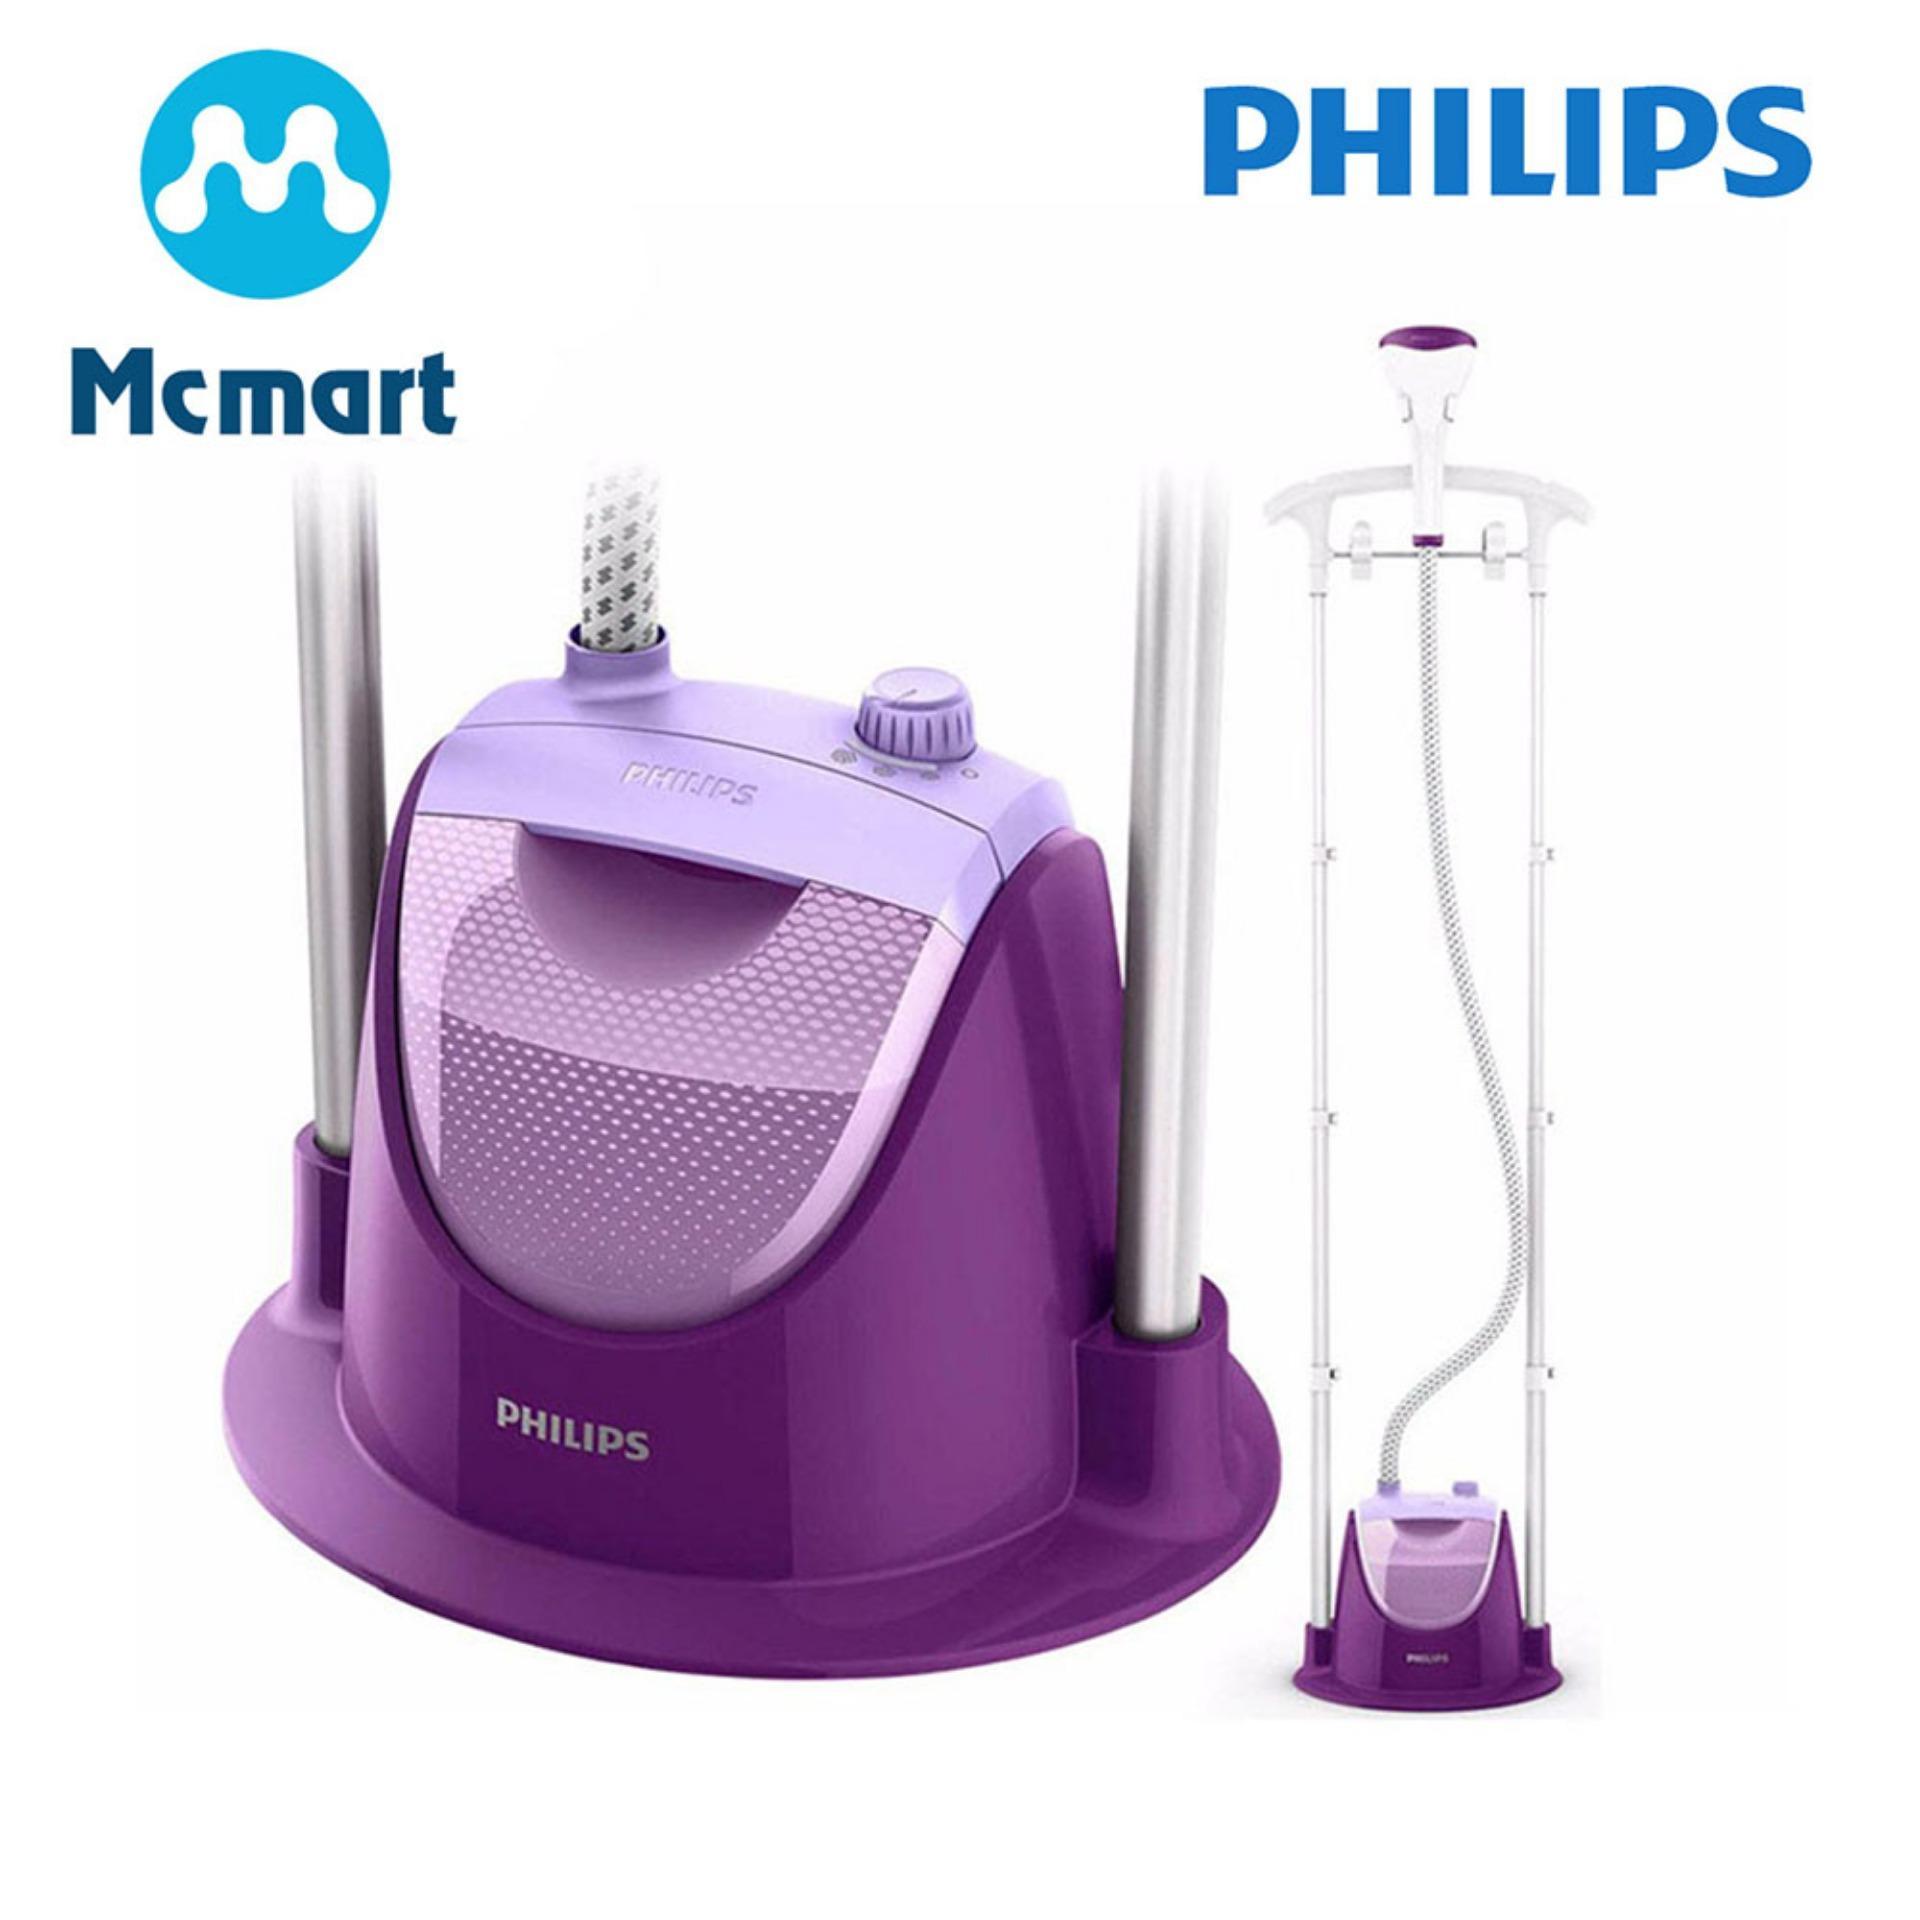 Hình ảnh Bàn ủi hơi nước đứng Philips GC508 (Tím) - Hàng nhập khẩu